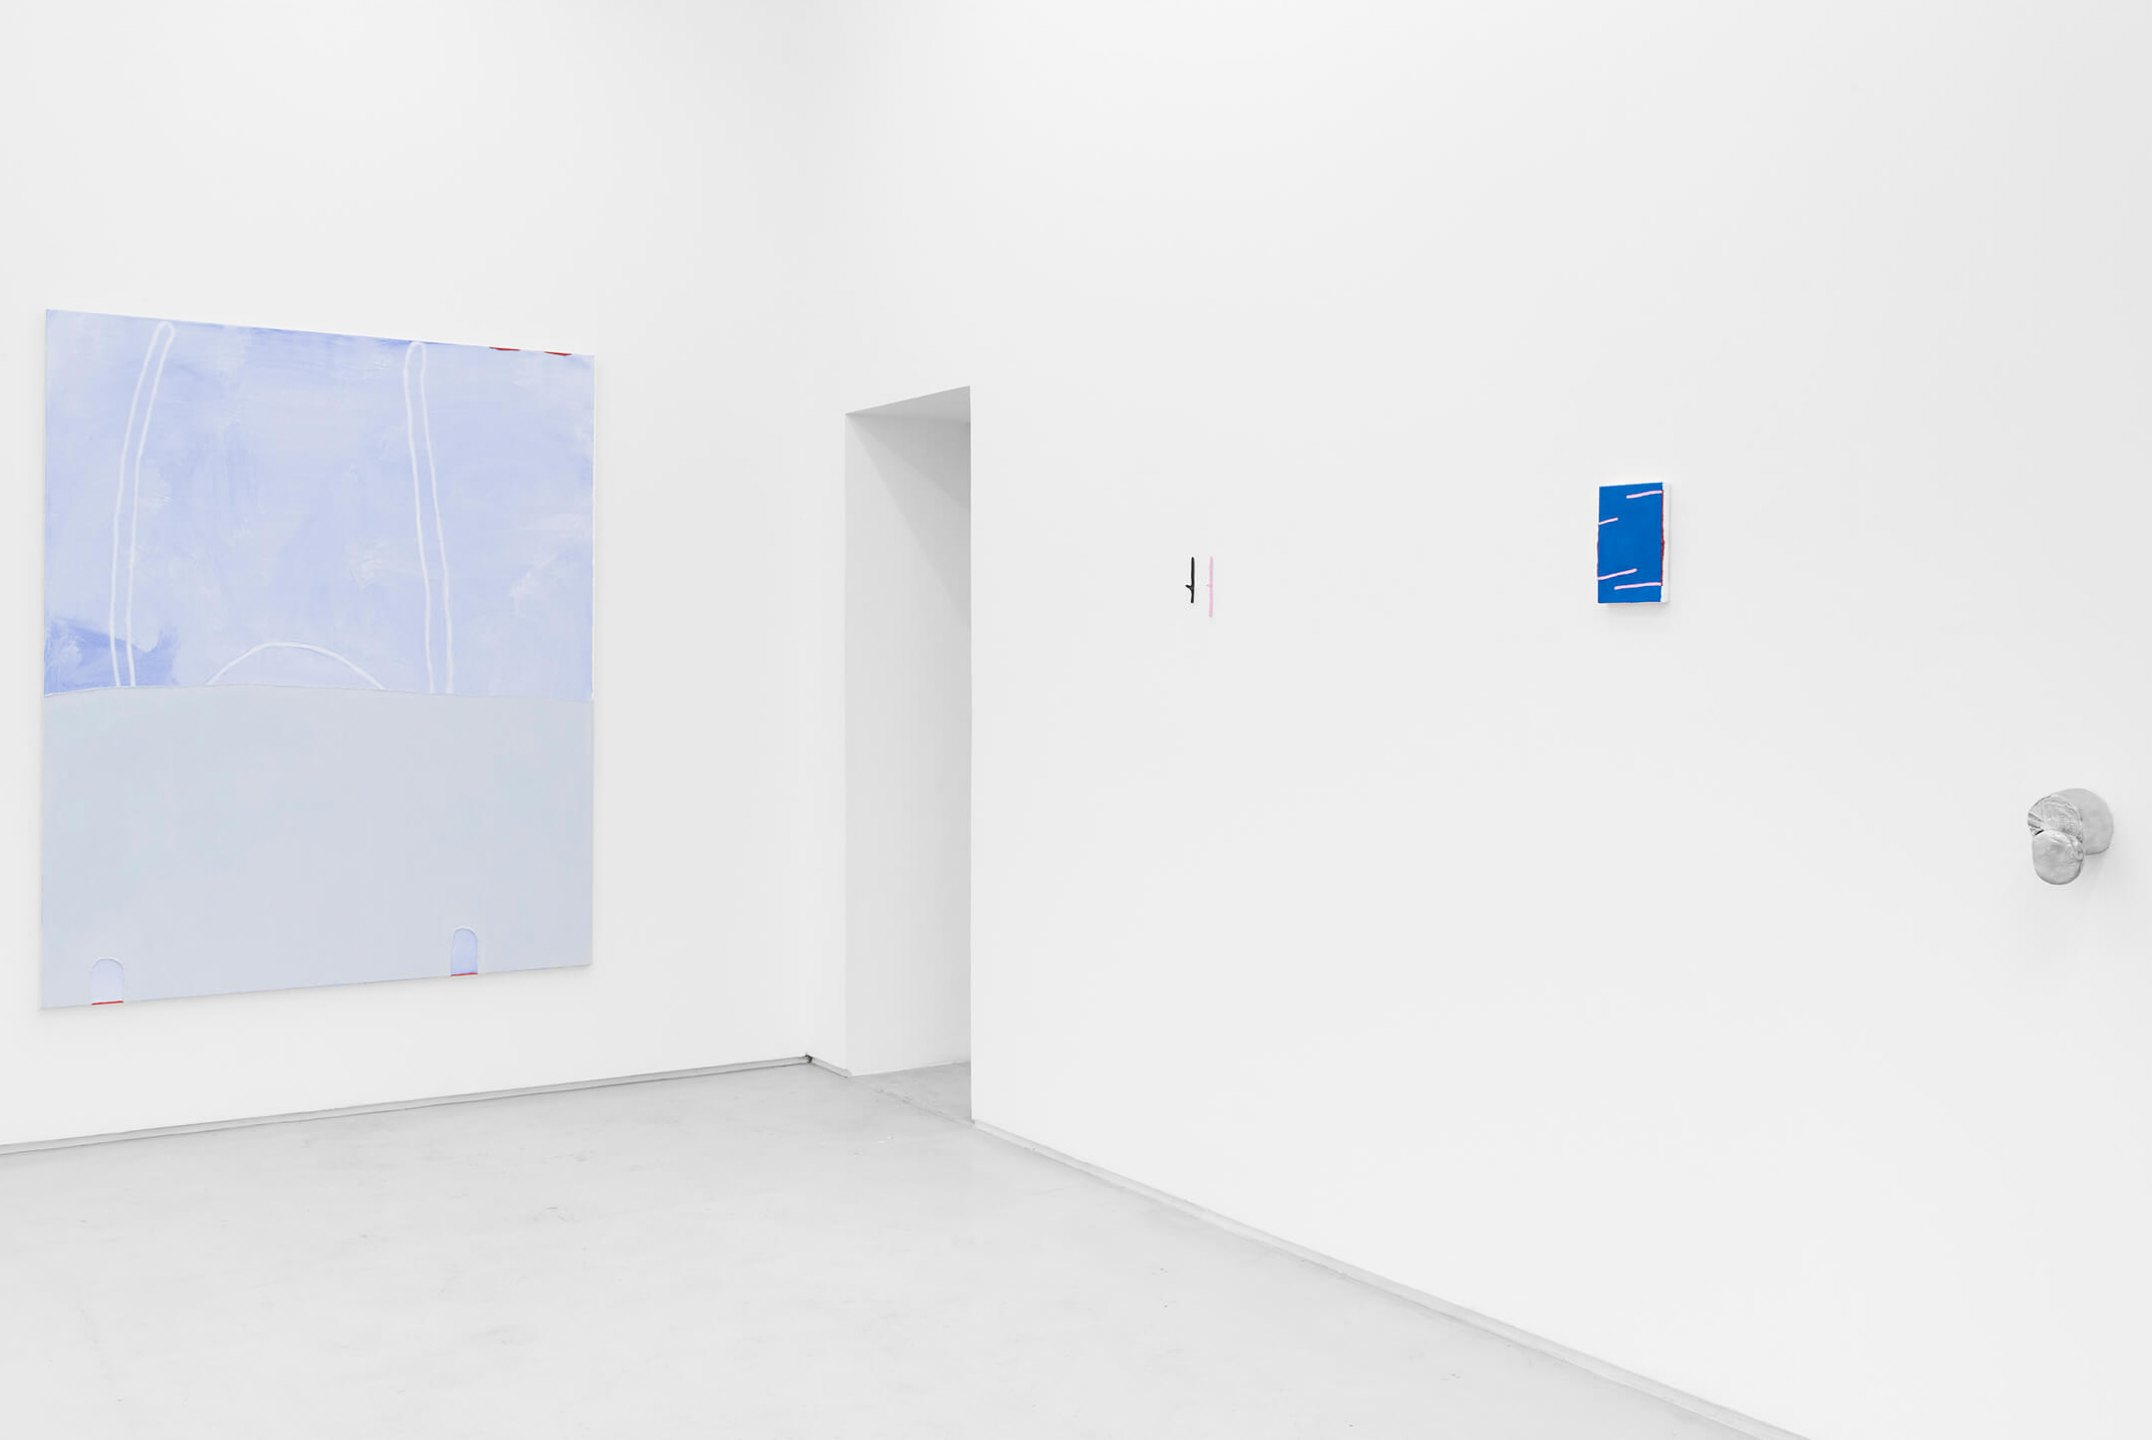 Paulo Monteiro,<em>The inside of distance,</em>Mendes Wood DM, São Paulo, 2015 - Mendes Wood DM